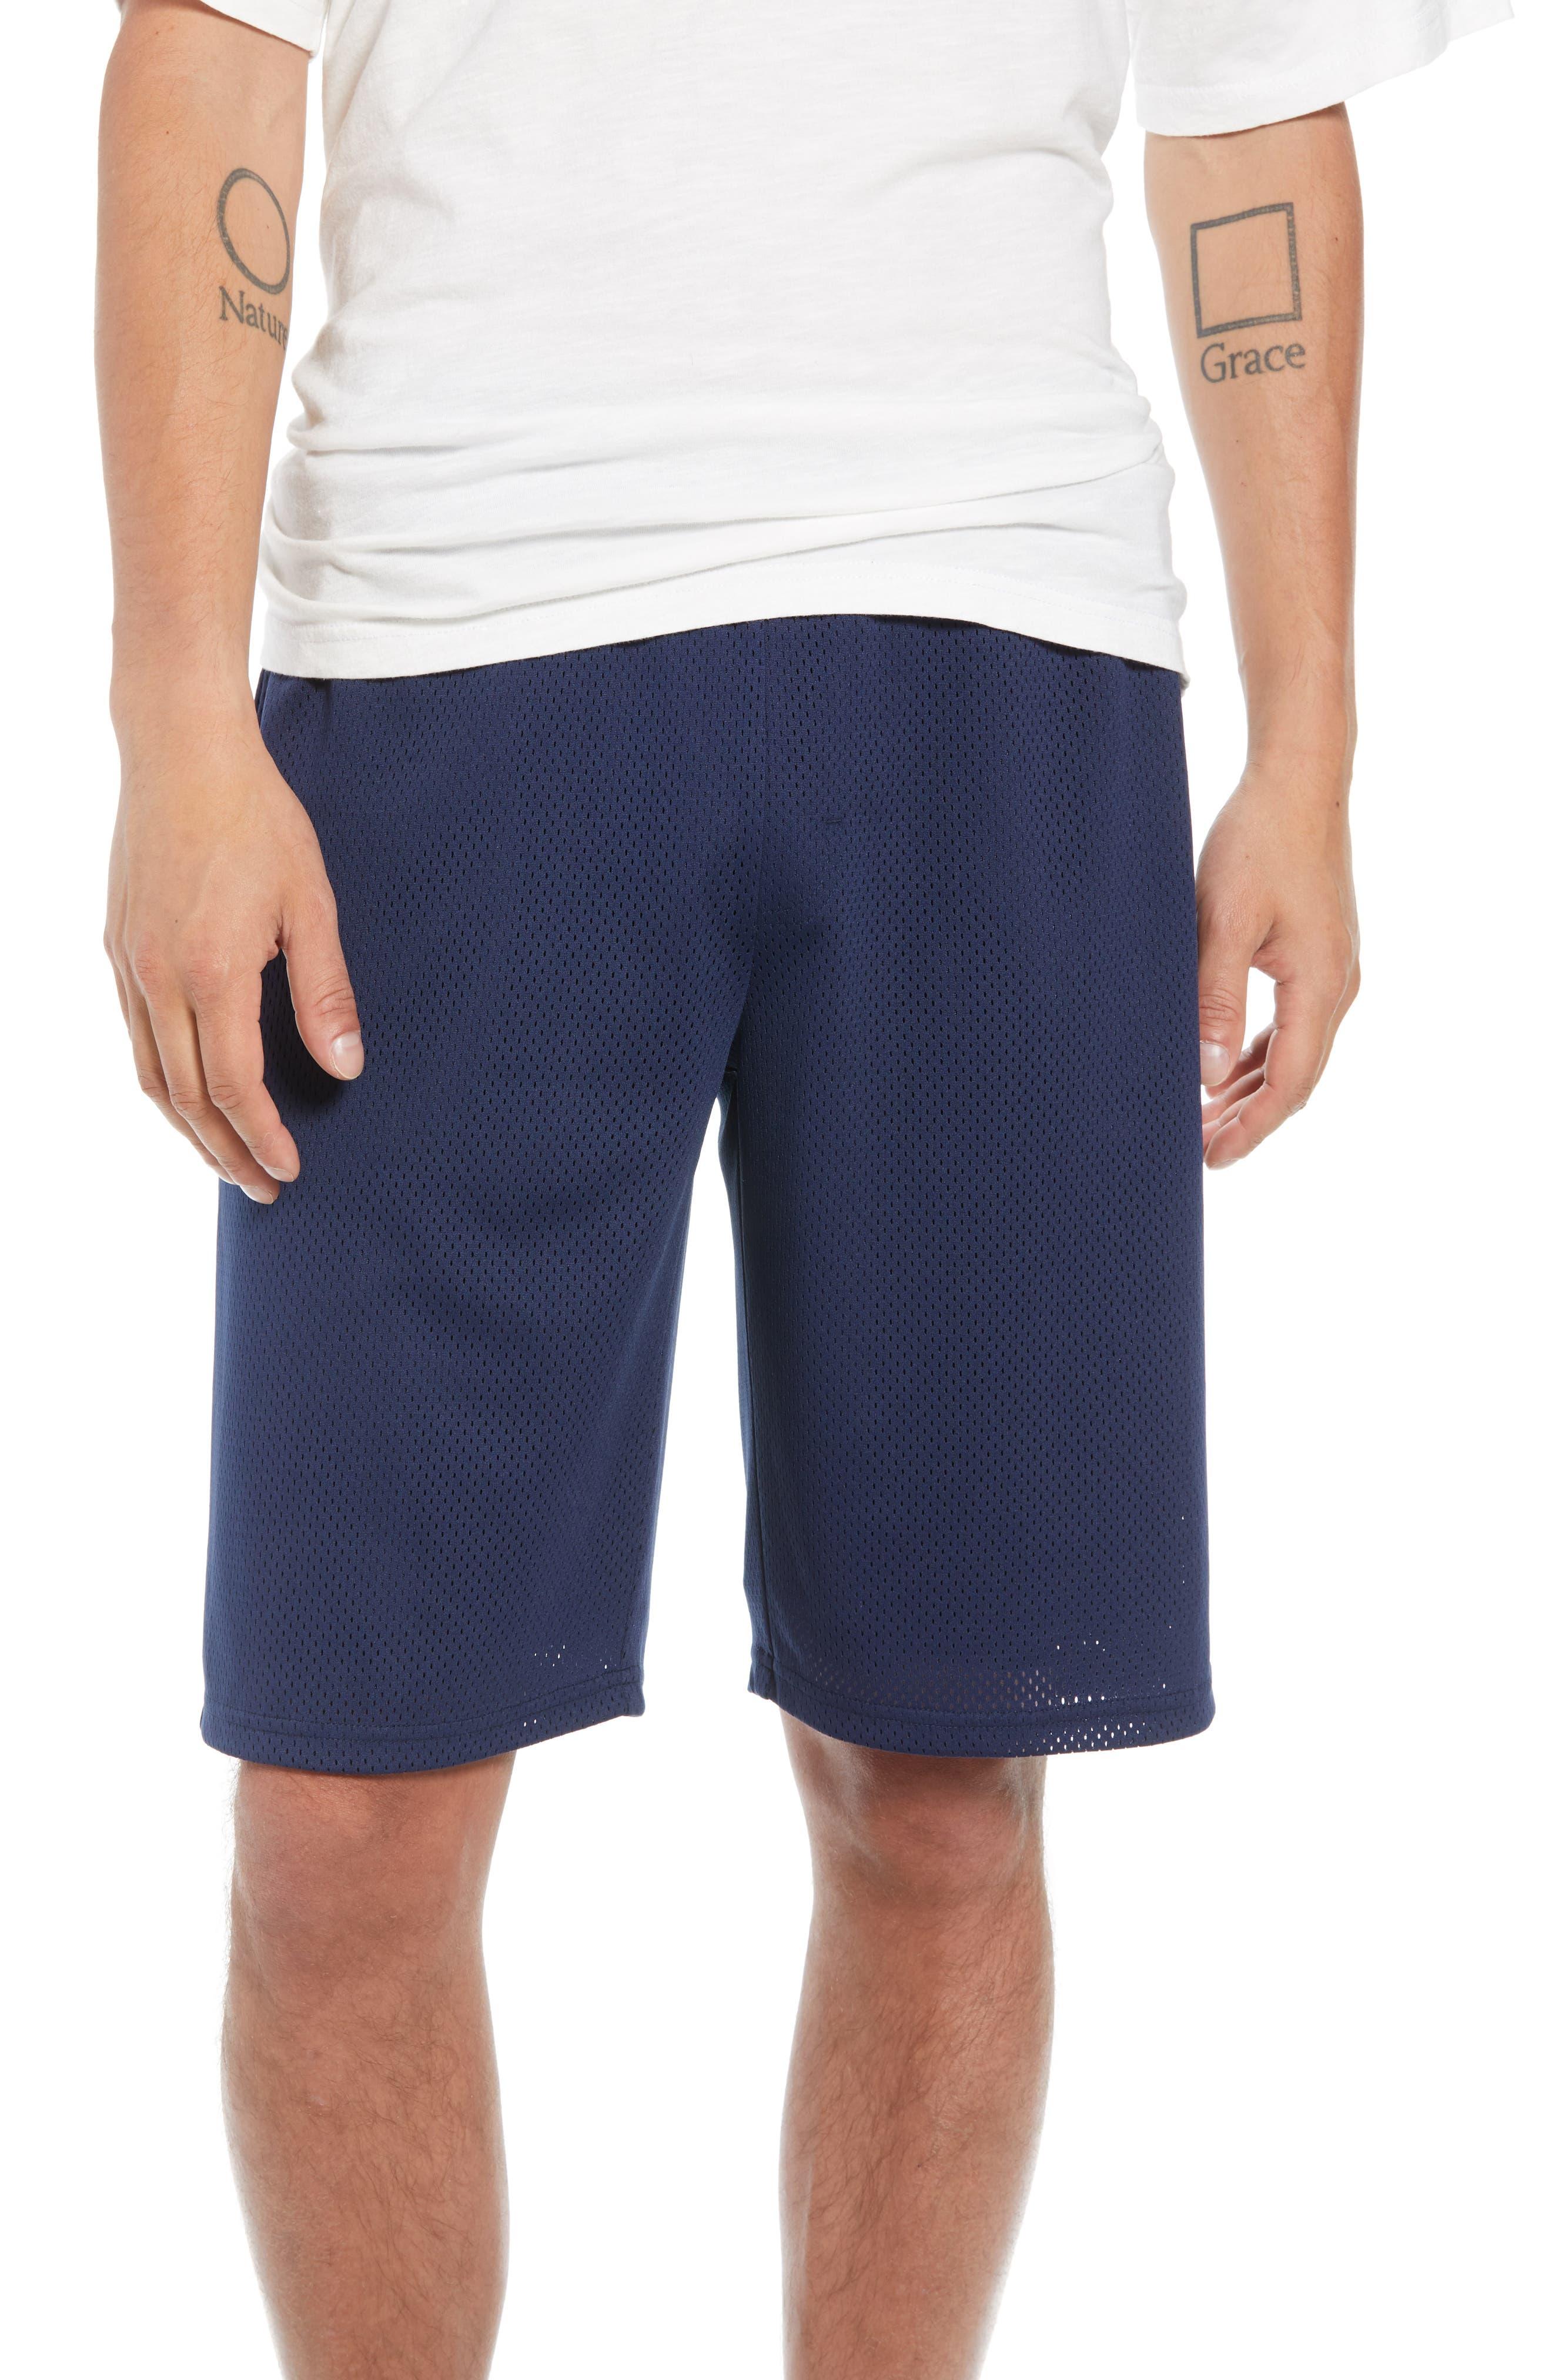 Basketball Shorts,                             Main thumbnail 1, color,                             NAVY PEACOAT